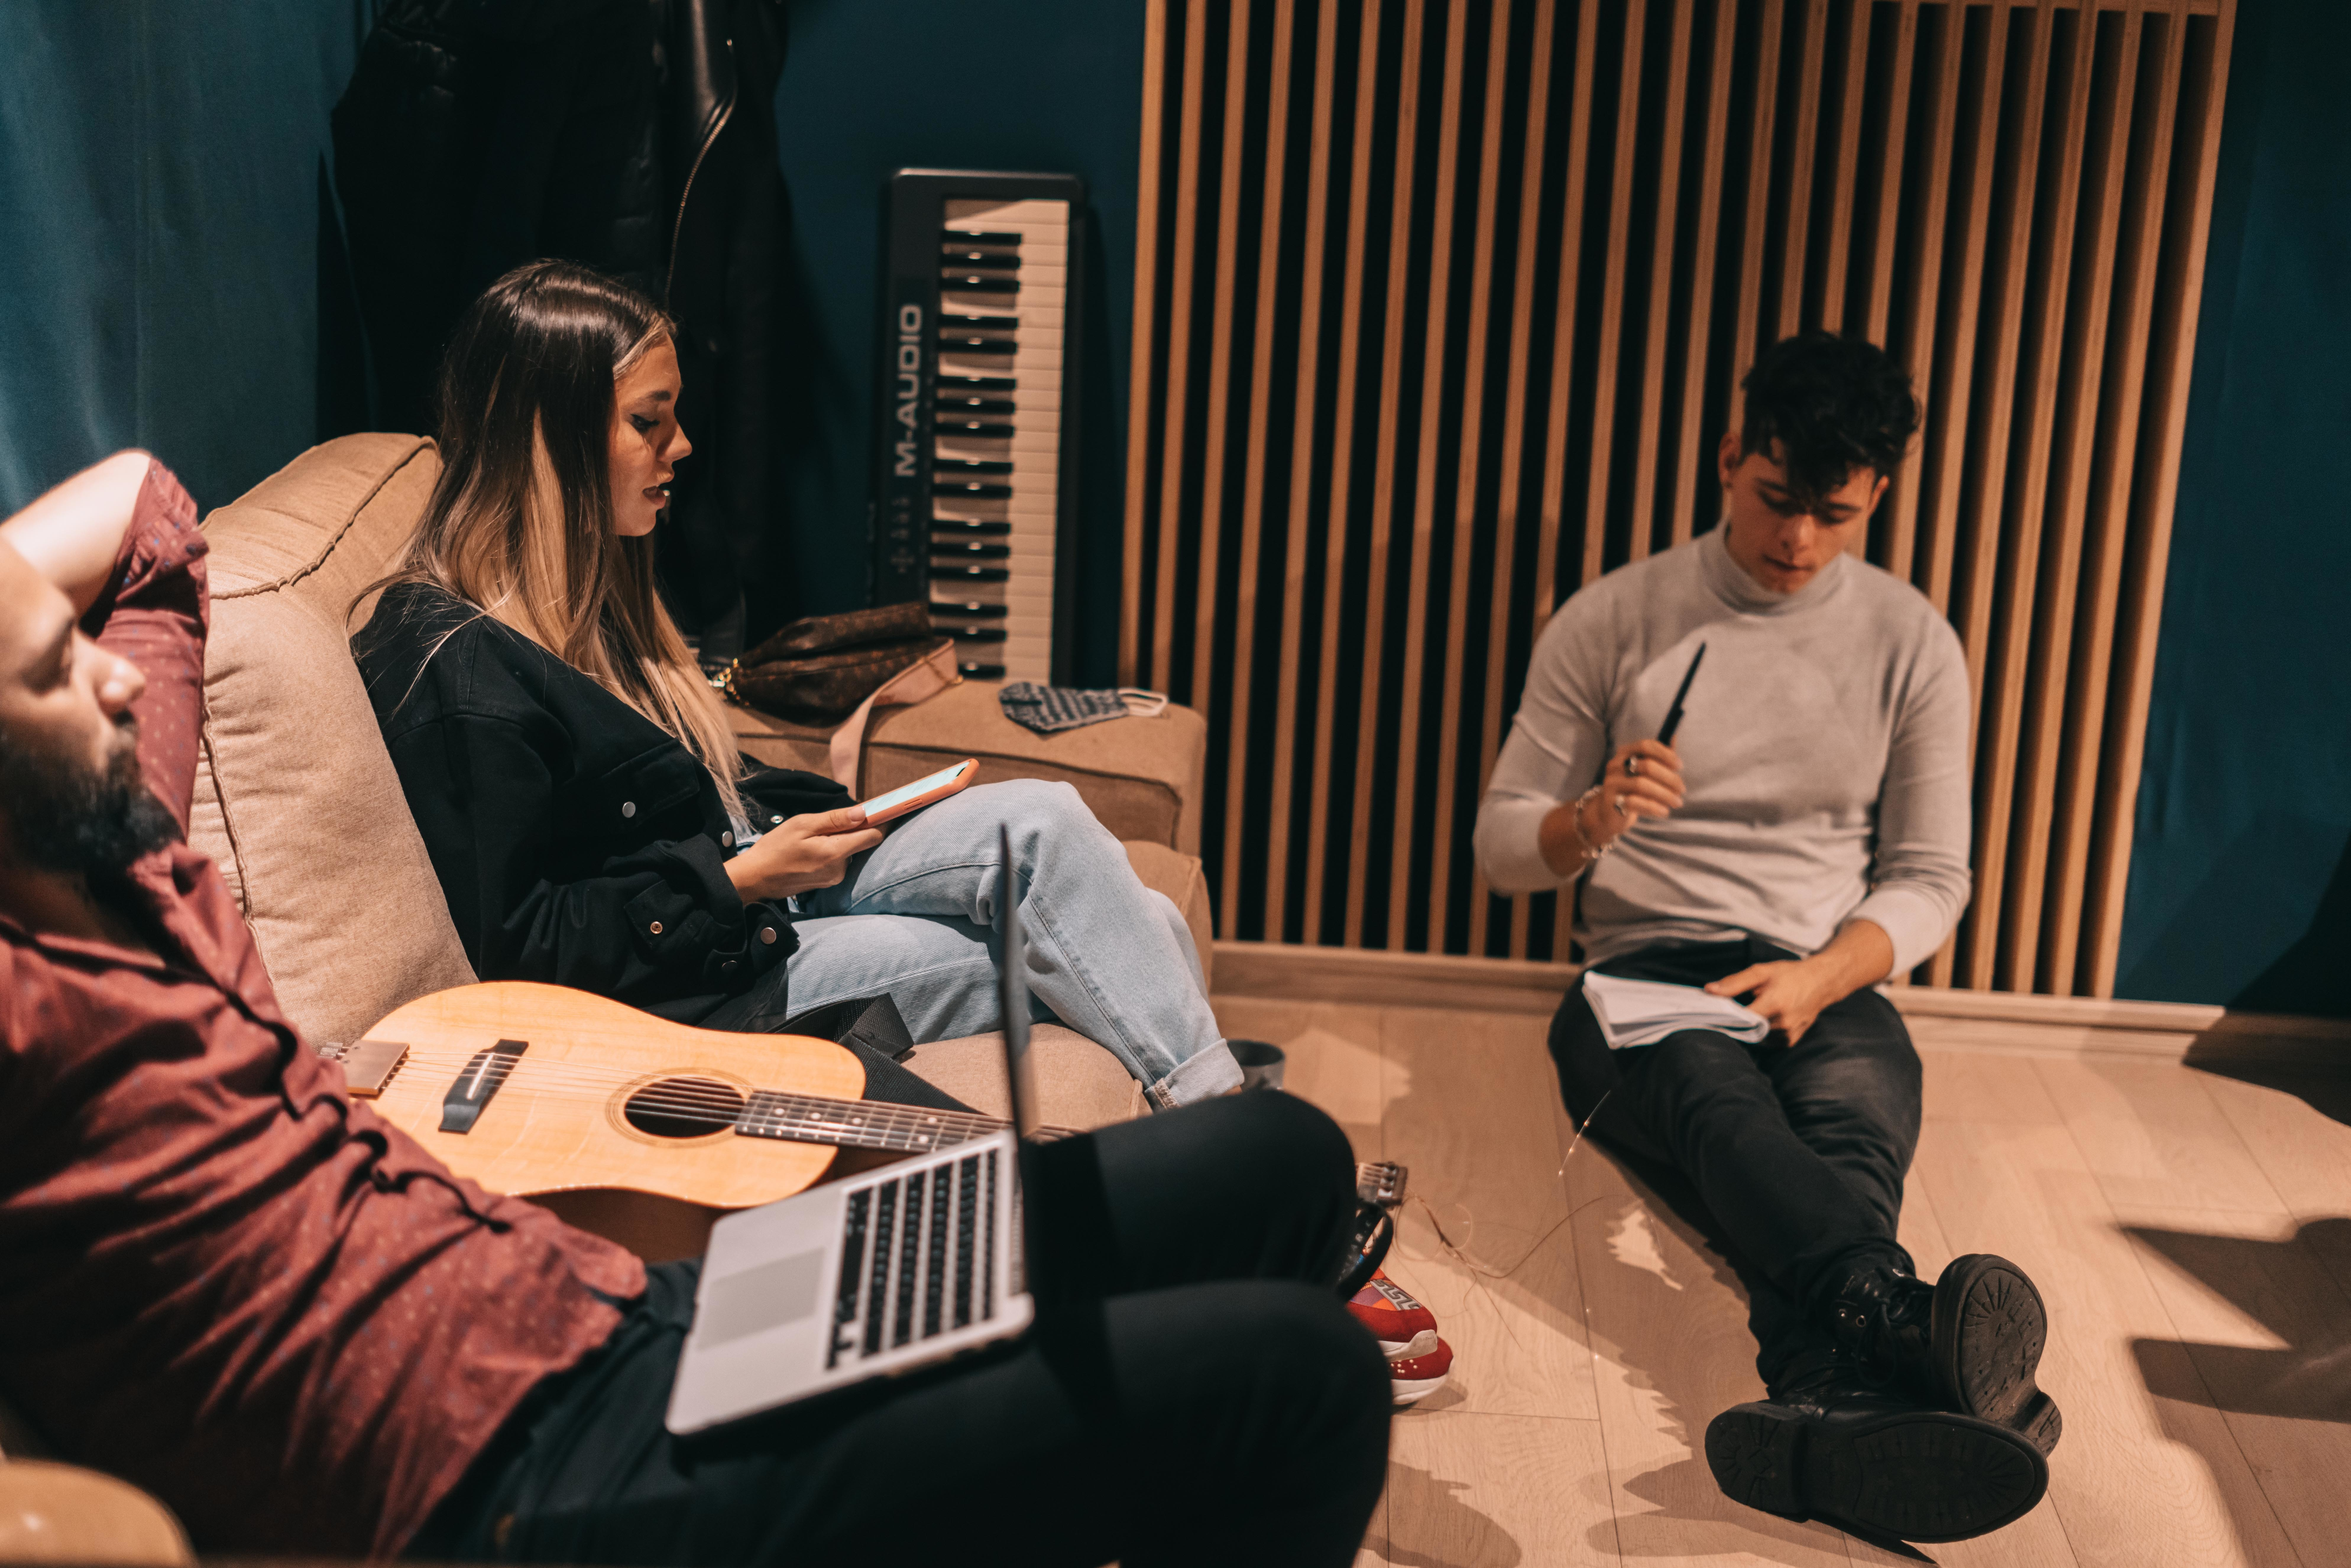 {focus_keyword} RUBY, JO, MIRA și AMNA sunt o parte dintre artiștii care participă la primul Creative Camp Seassion din acest an organizat de Cat Music în parteneriat cu HaHaHa Production fe81c955 cc39 47e9 9003 9798b9c181e7